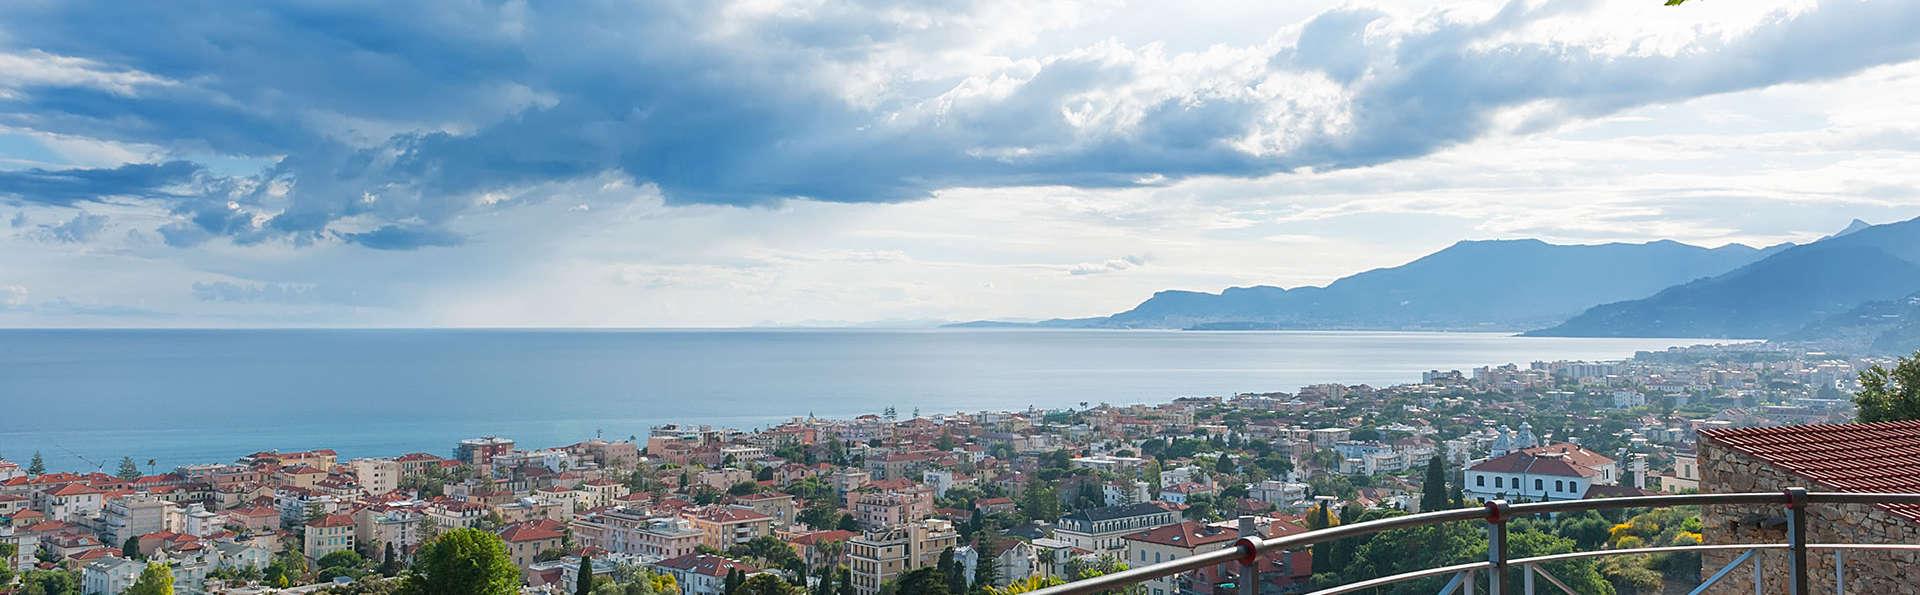 Hotel Italie Ligurie Bord De Mer